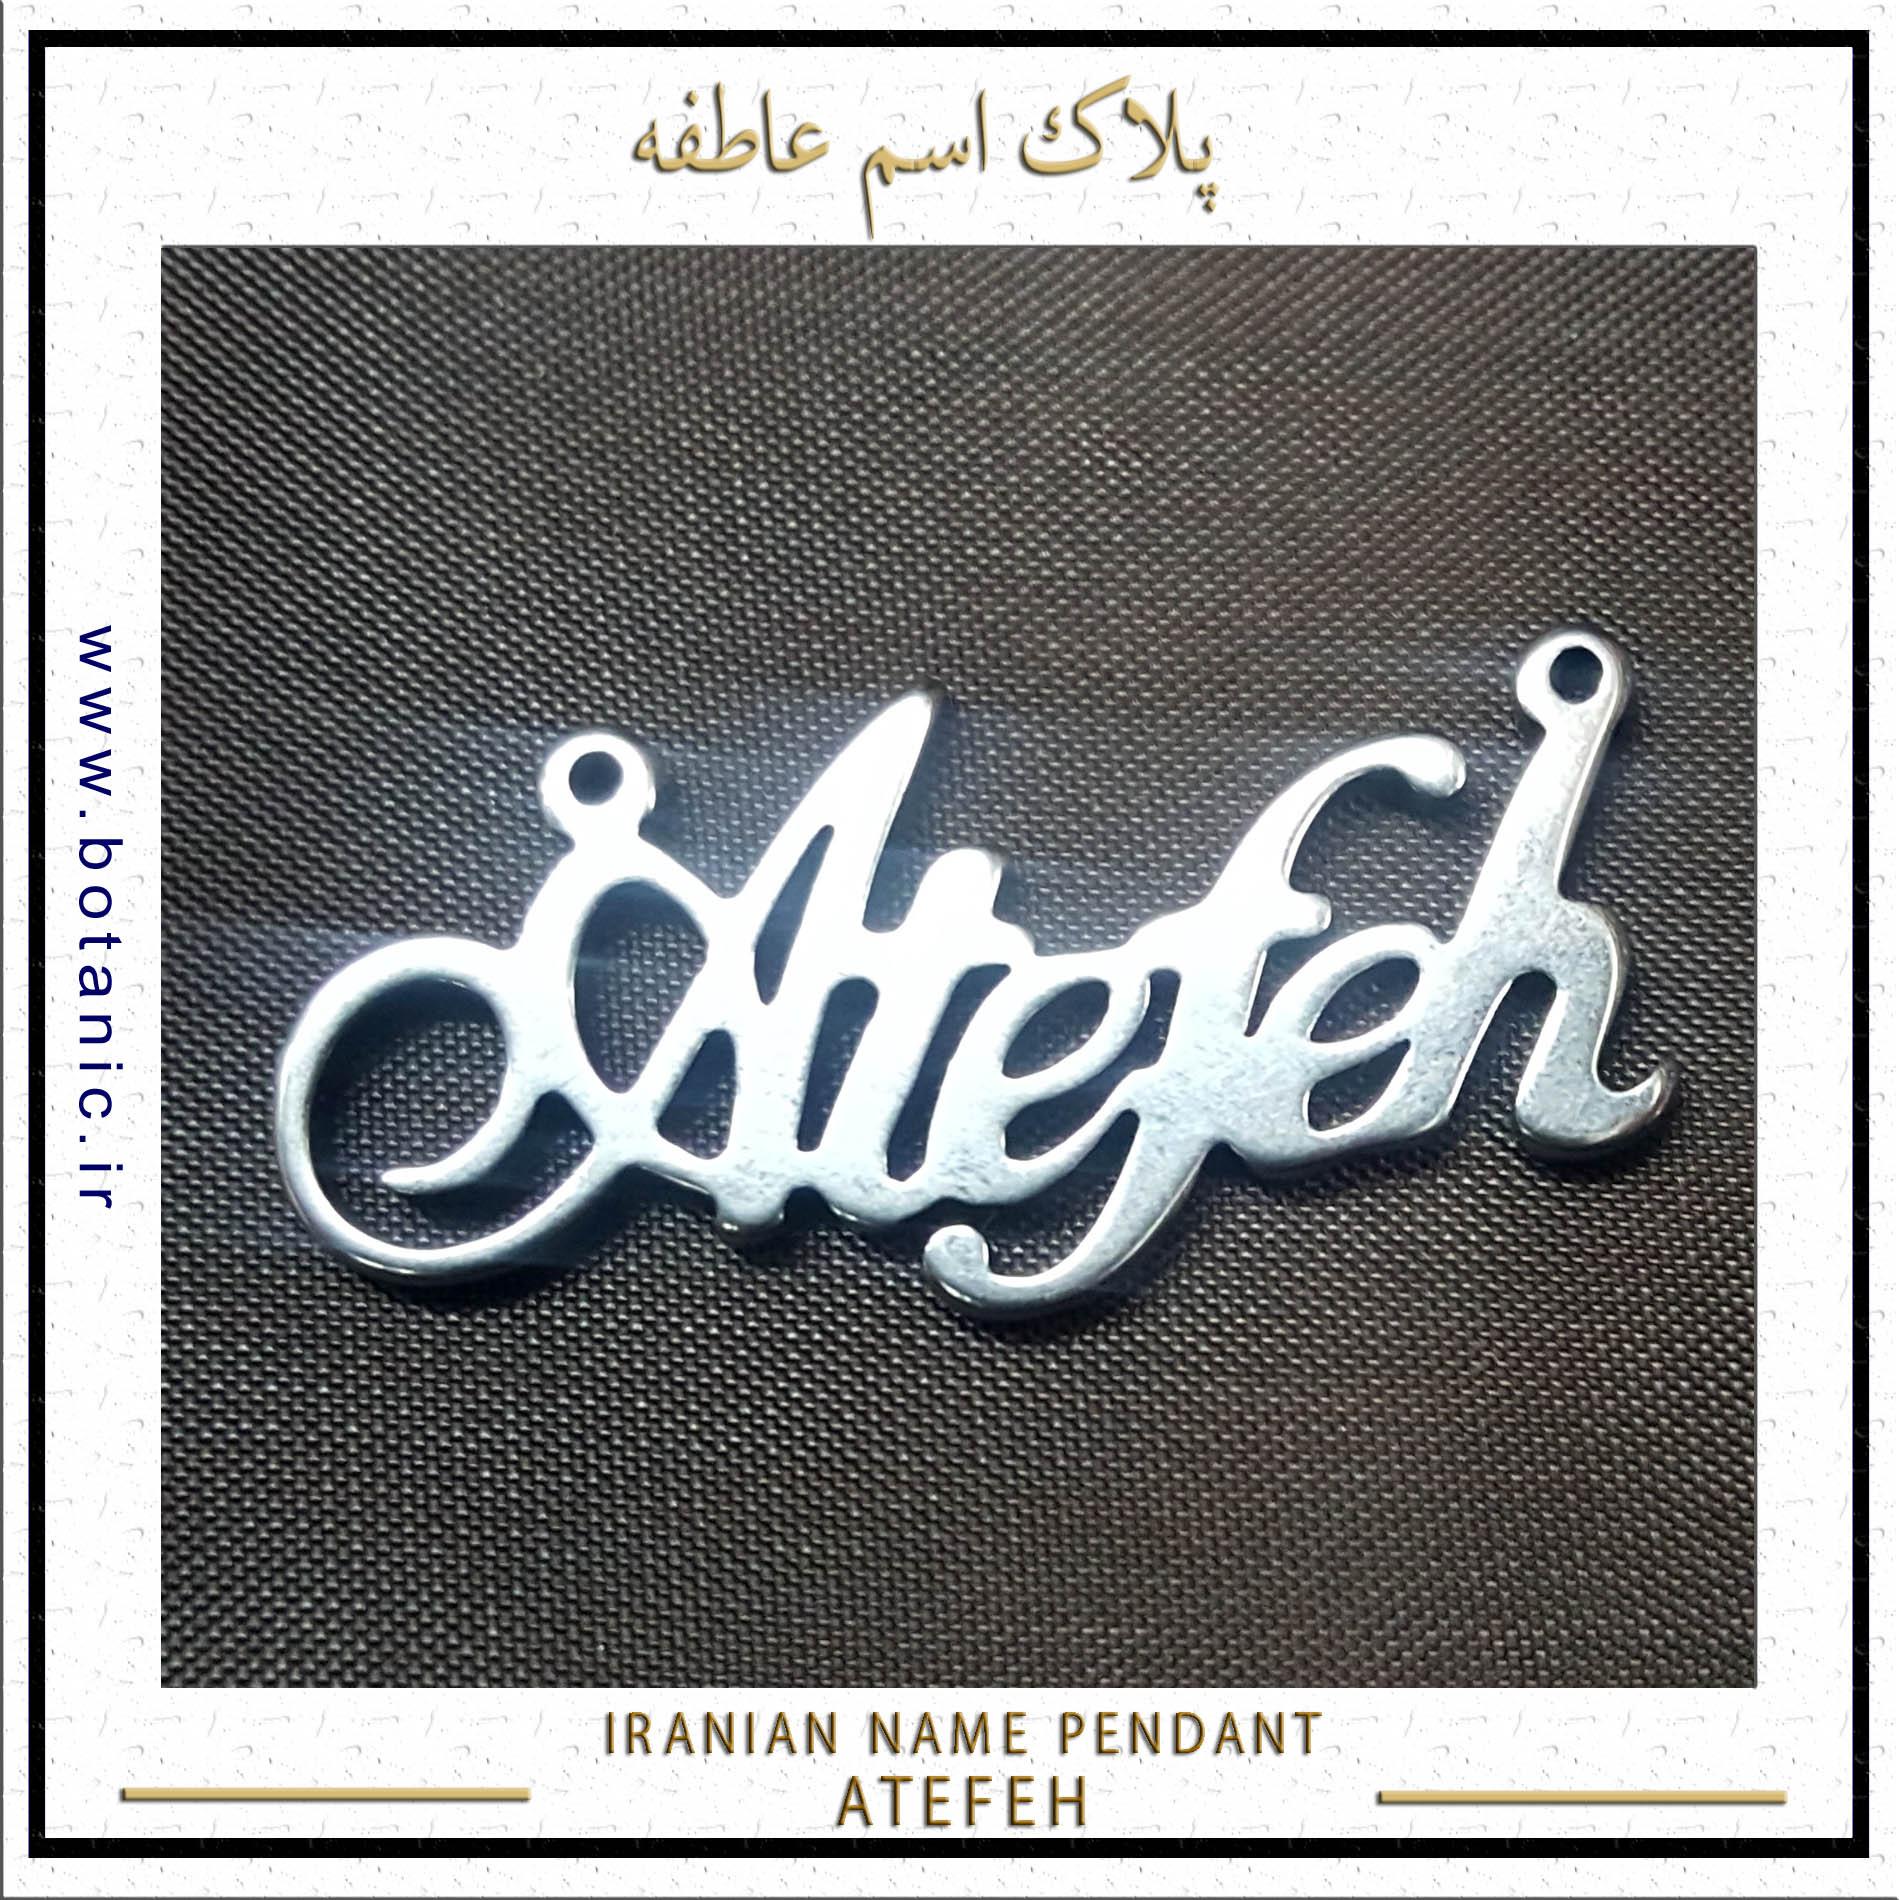 Iranian Name Pendant Atefeh